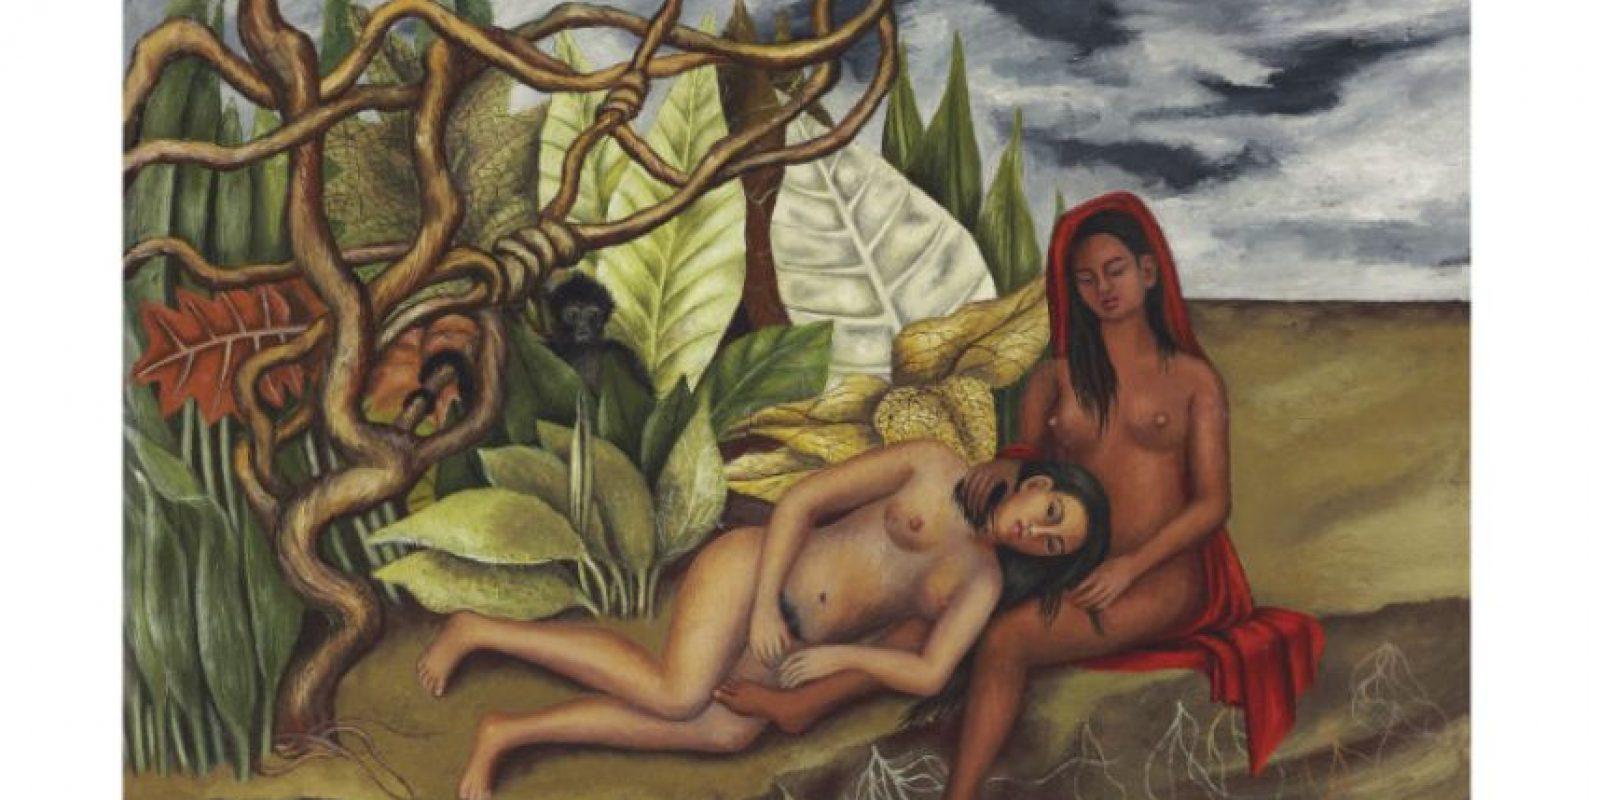 La obra muestra a dos mujeres desnudas descansando en un bosque Foto:AP